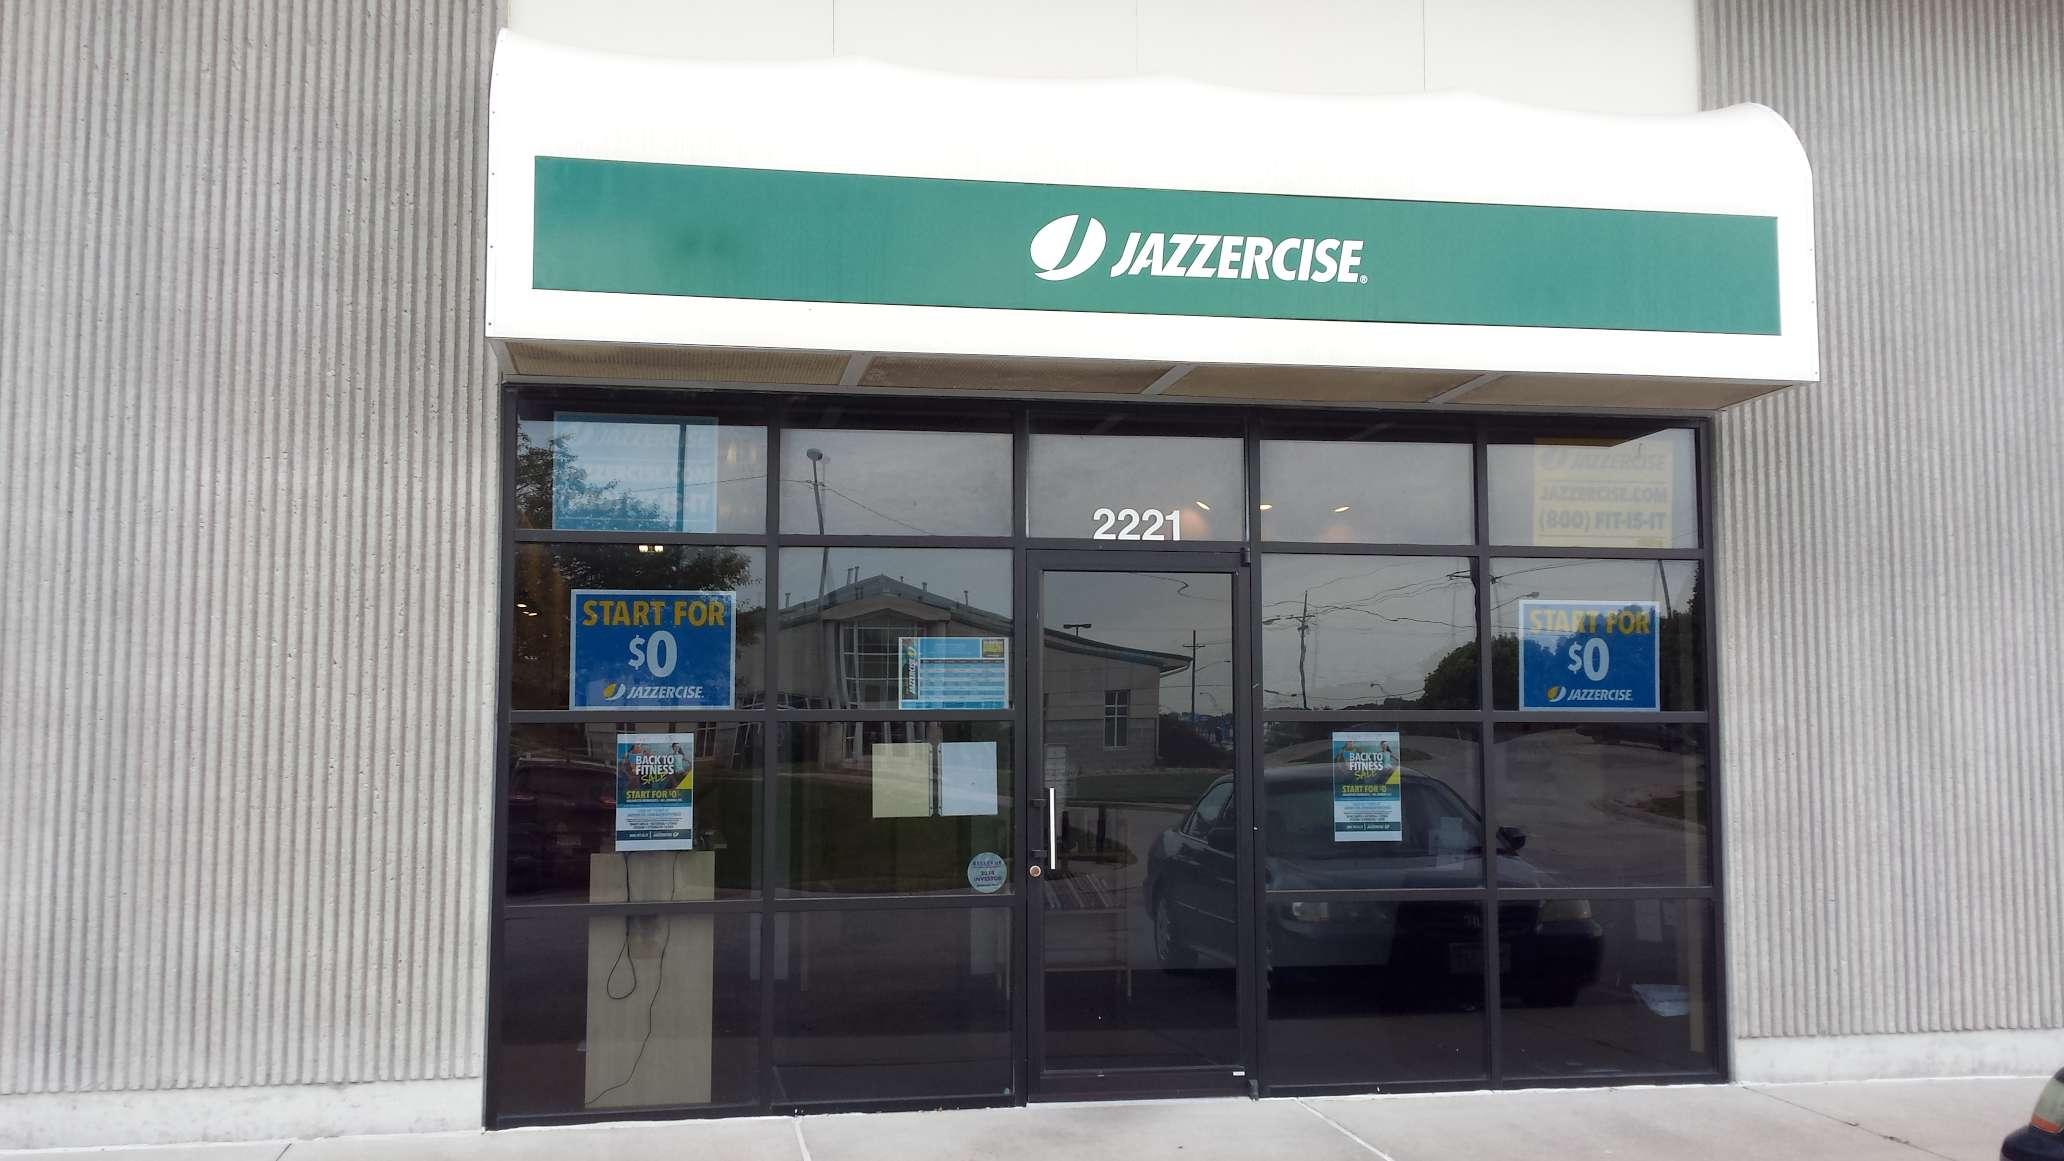 Jazzercise